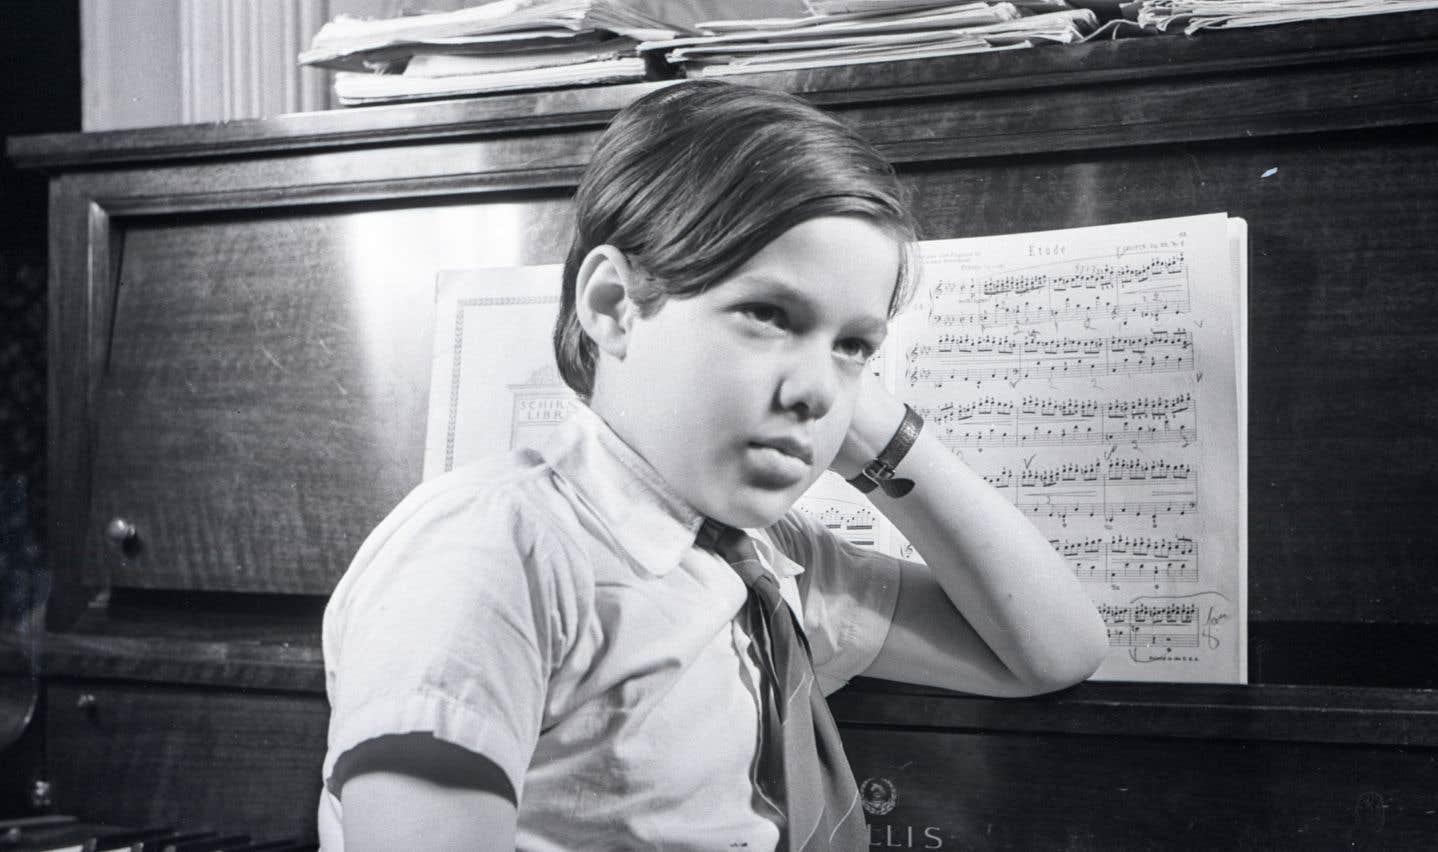 Le pianiste et compositeur André Mathieu, véritable enfant prodige qui sera plus tard surnommé le «Mozart canadien», est ici photographié en février 1940, à Montréal, à l'âge de onze ans.